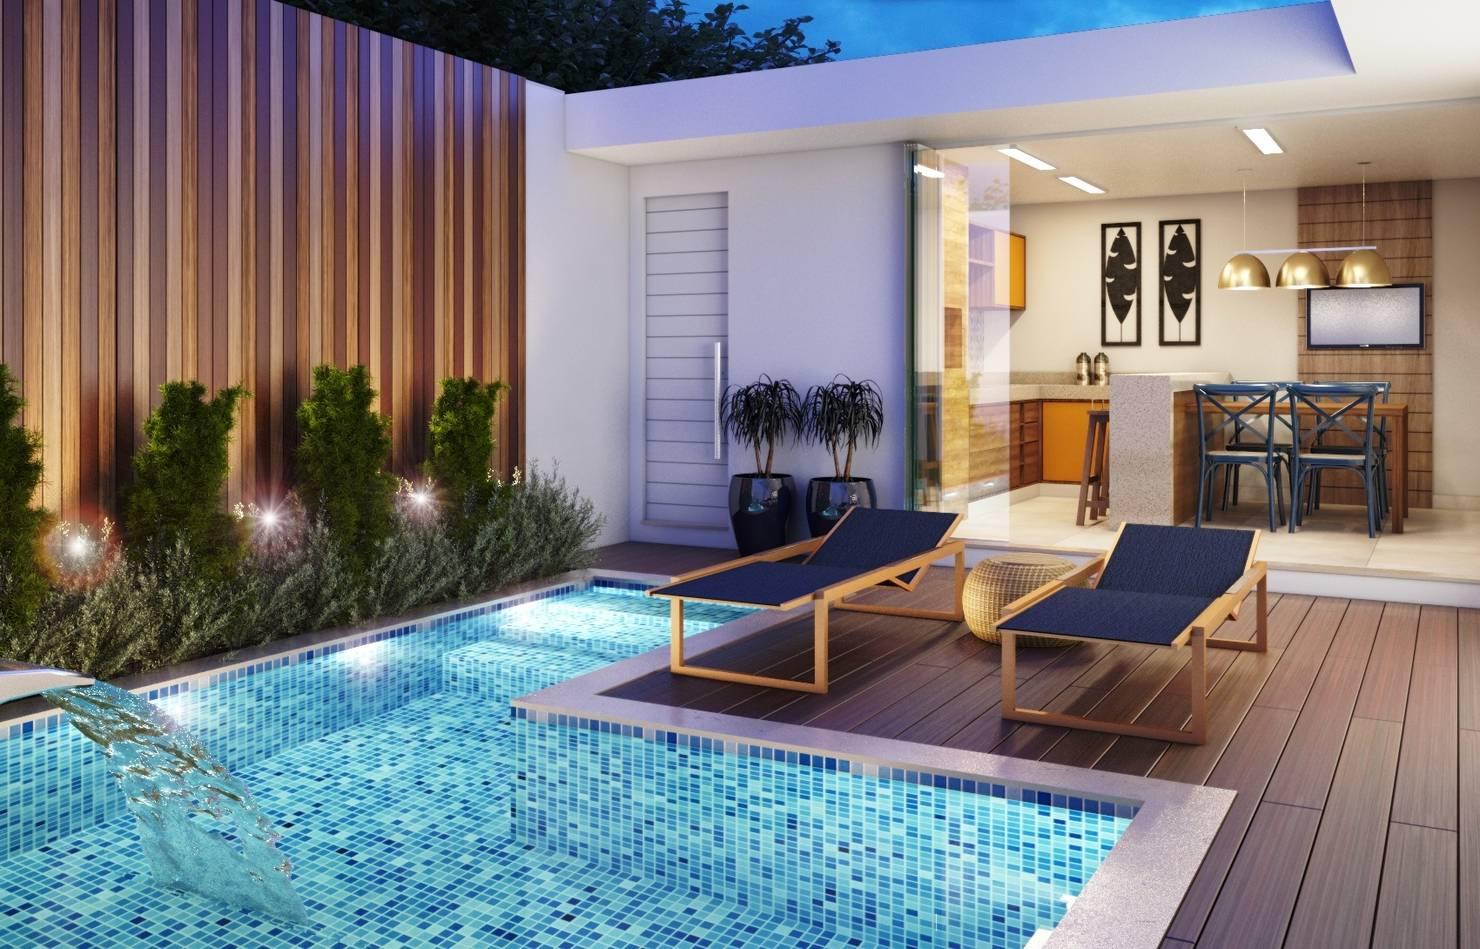 Moderna por fora, elegante por dentro: esta casa em Minas Gerais é perfeita!